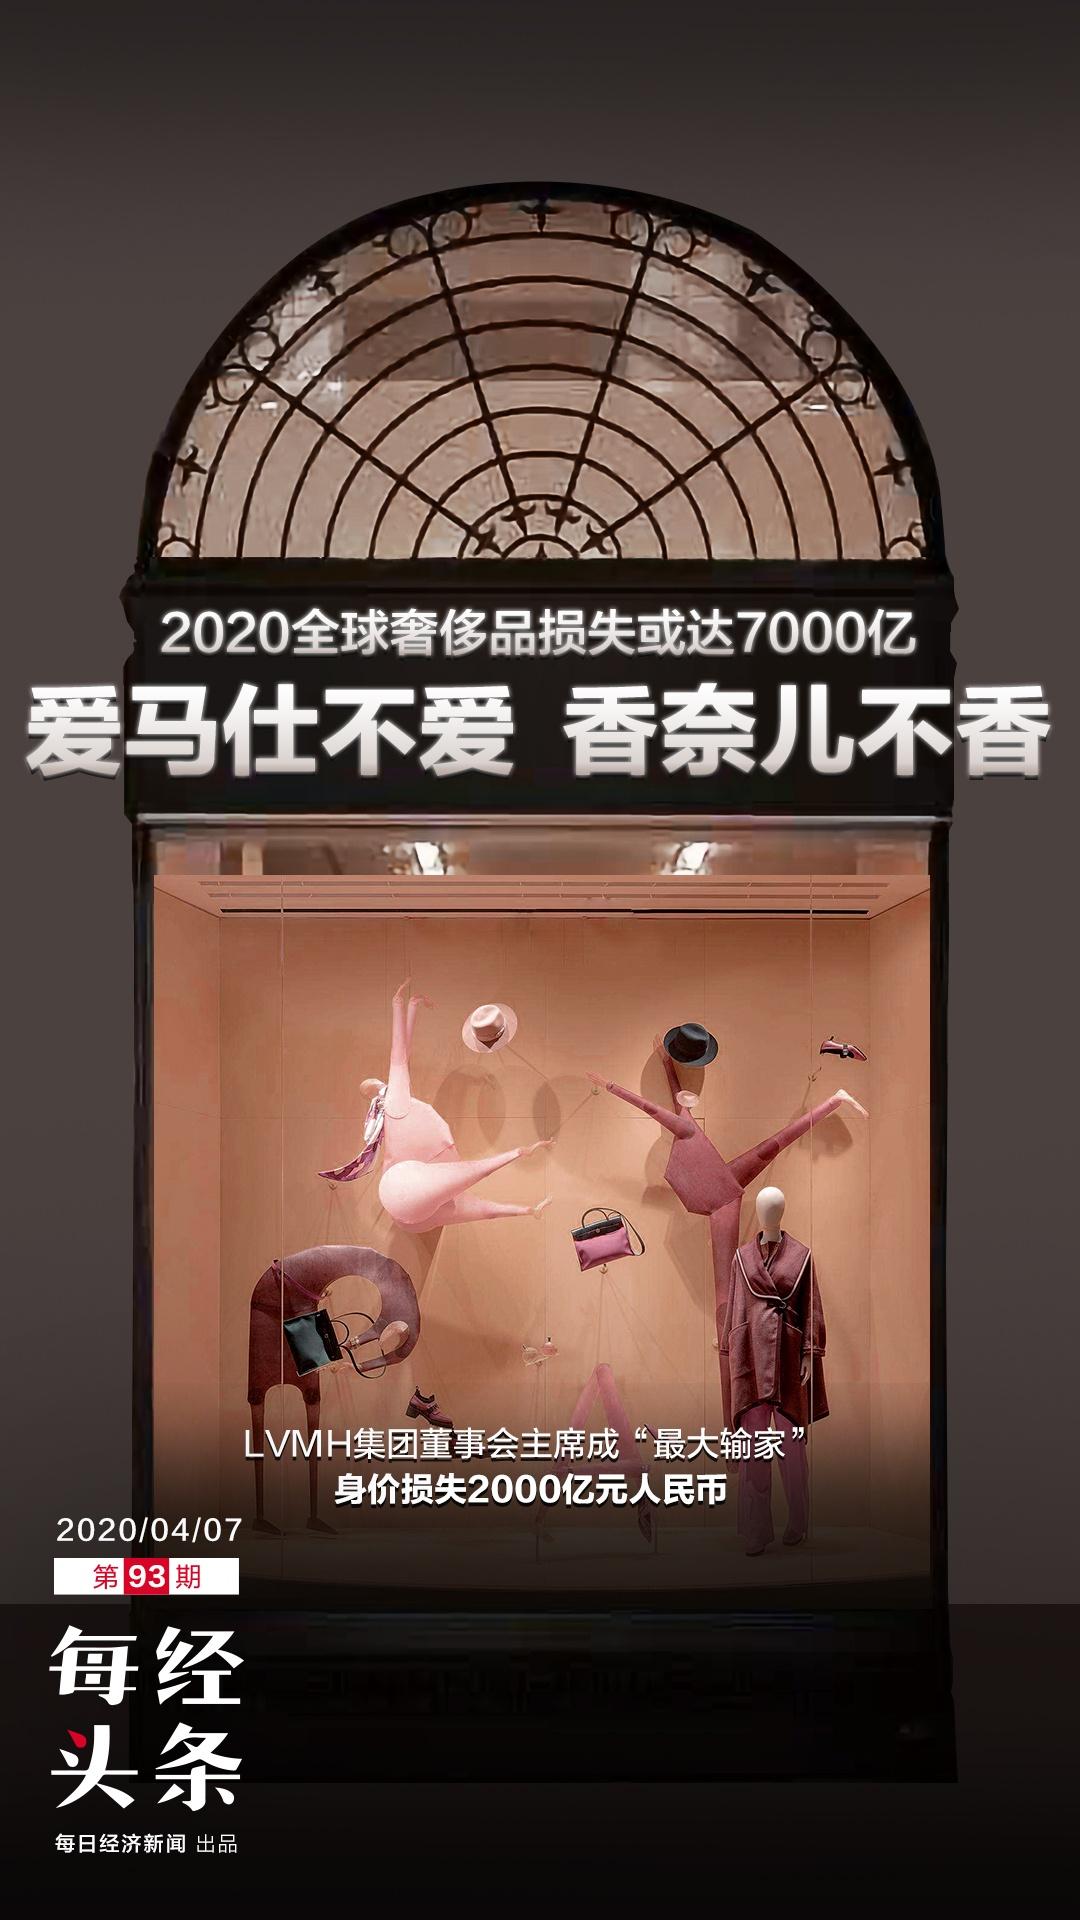 全球奢侈品2020年损失或达7000亿…爱马仕不爱香奈儿不香